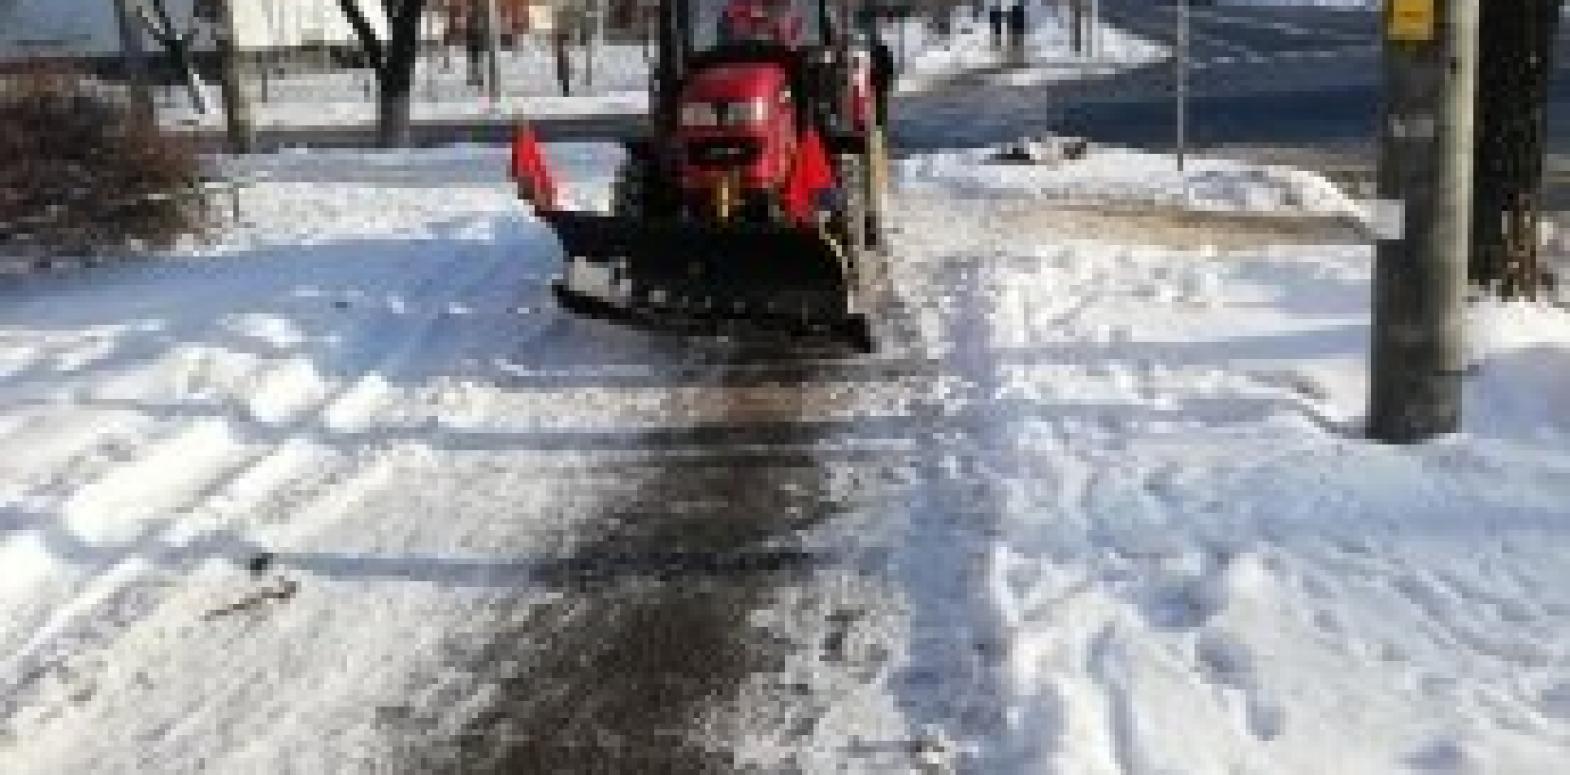 Непогода в Киеве: На дорогах работает 163 единицы снегоуборочной техники